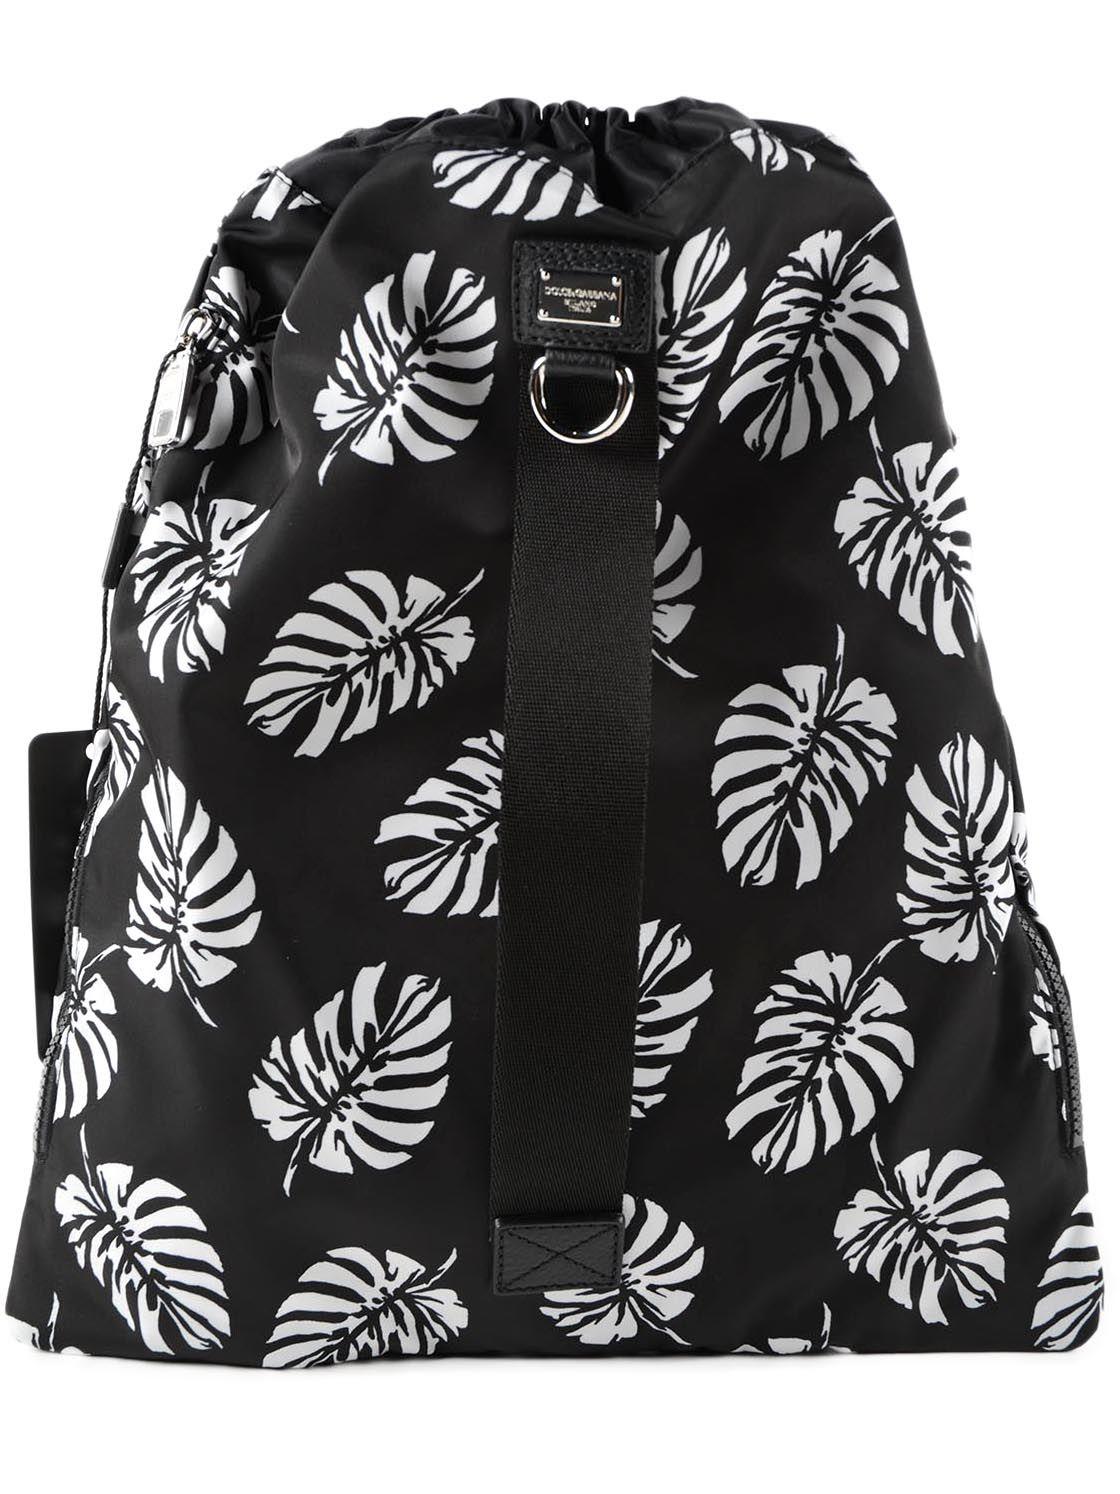 Dolce & Gabbana Dolce & Gabbana Pineapple Print Backpack